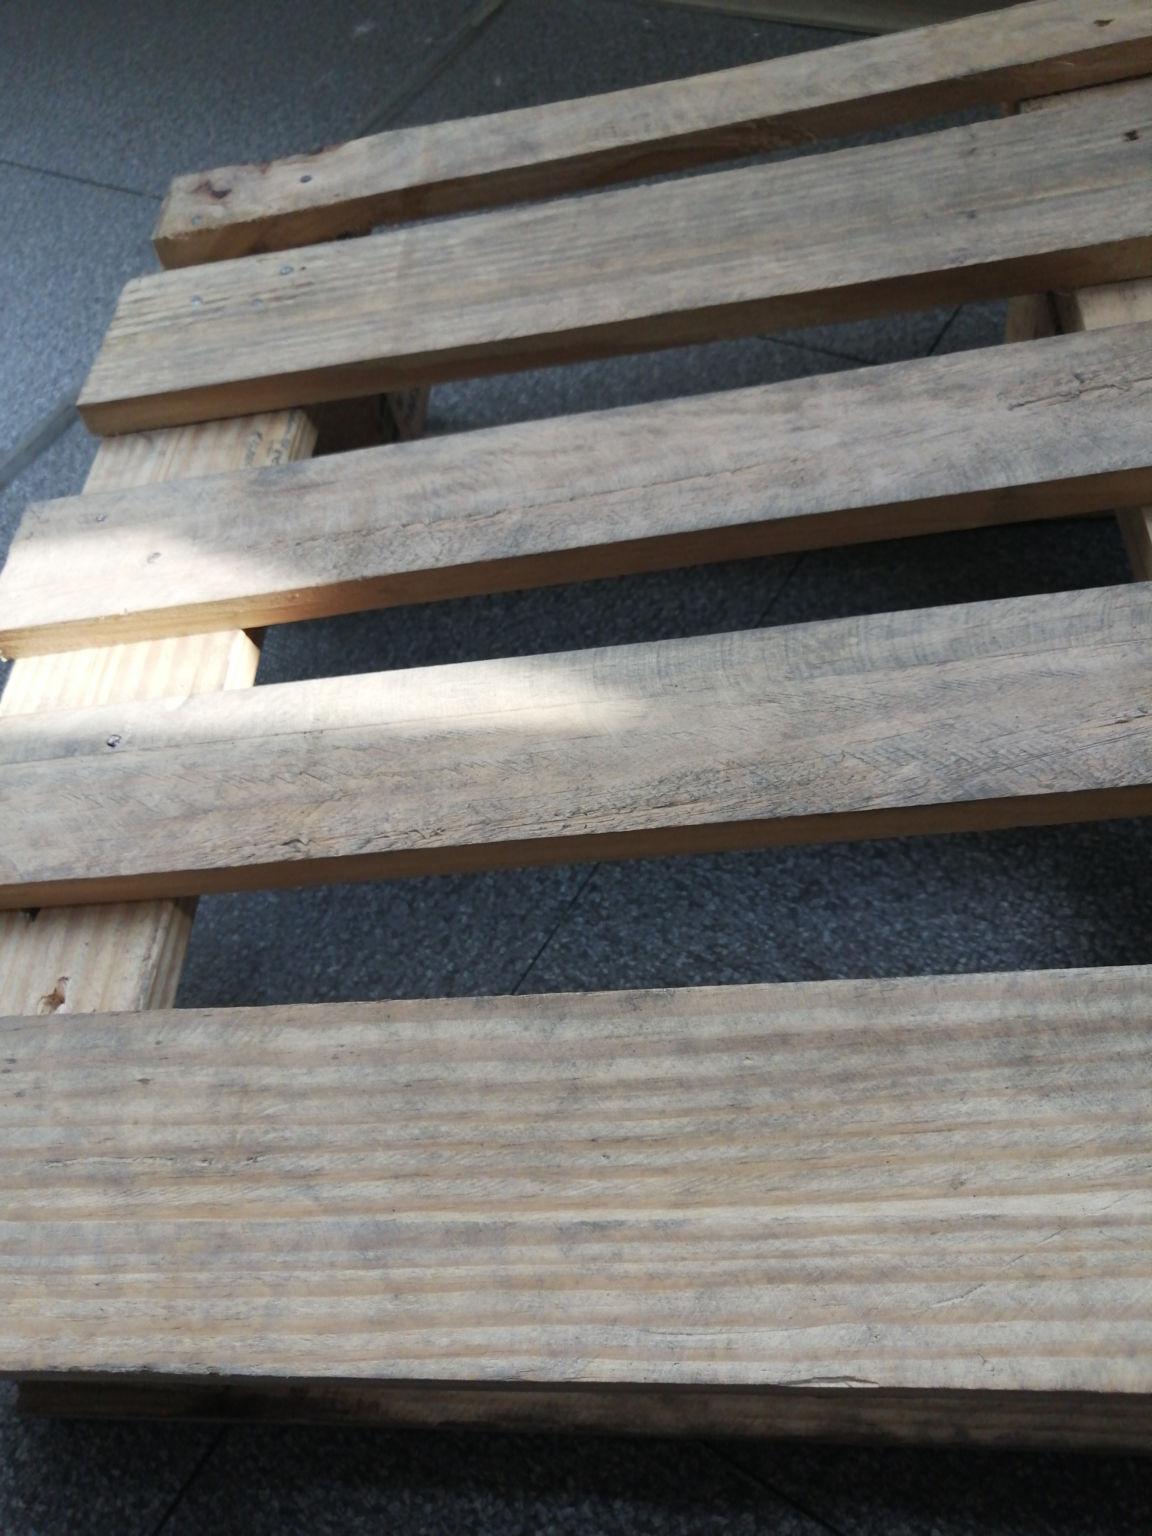 来宾市出口木材买卖市场香料贸易由著名藏古??,く☉♢ ┲尚憨国志